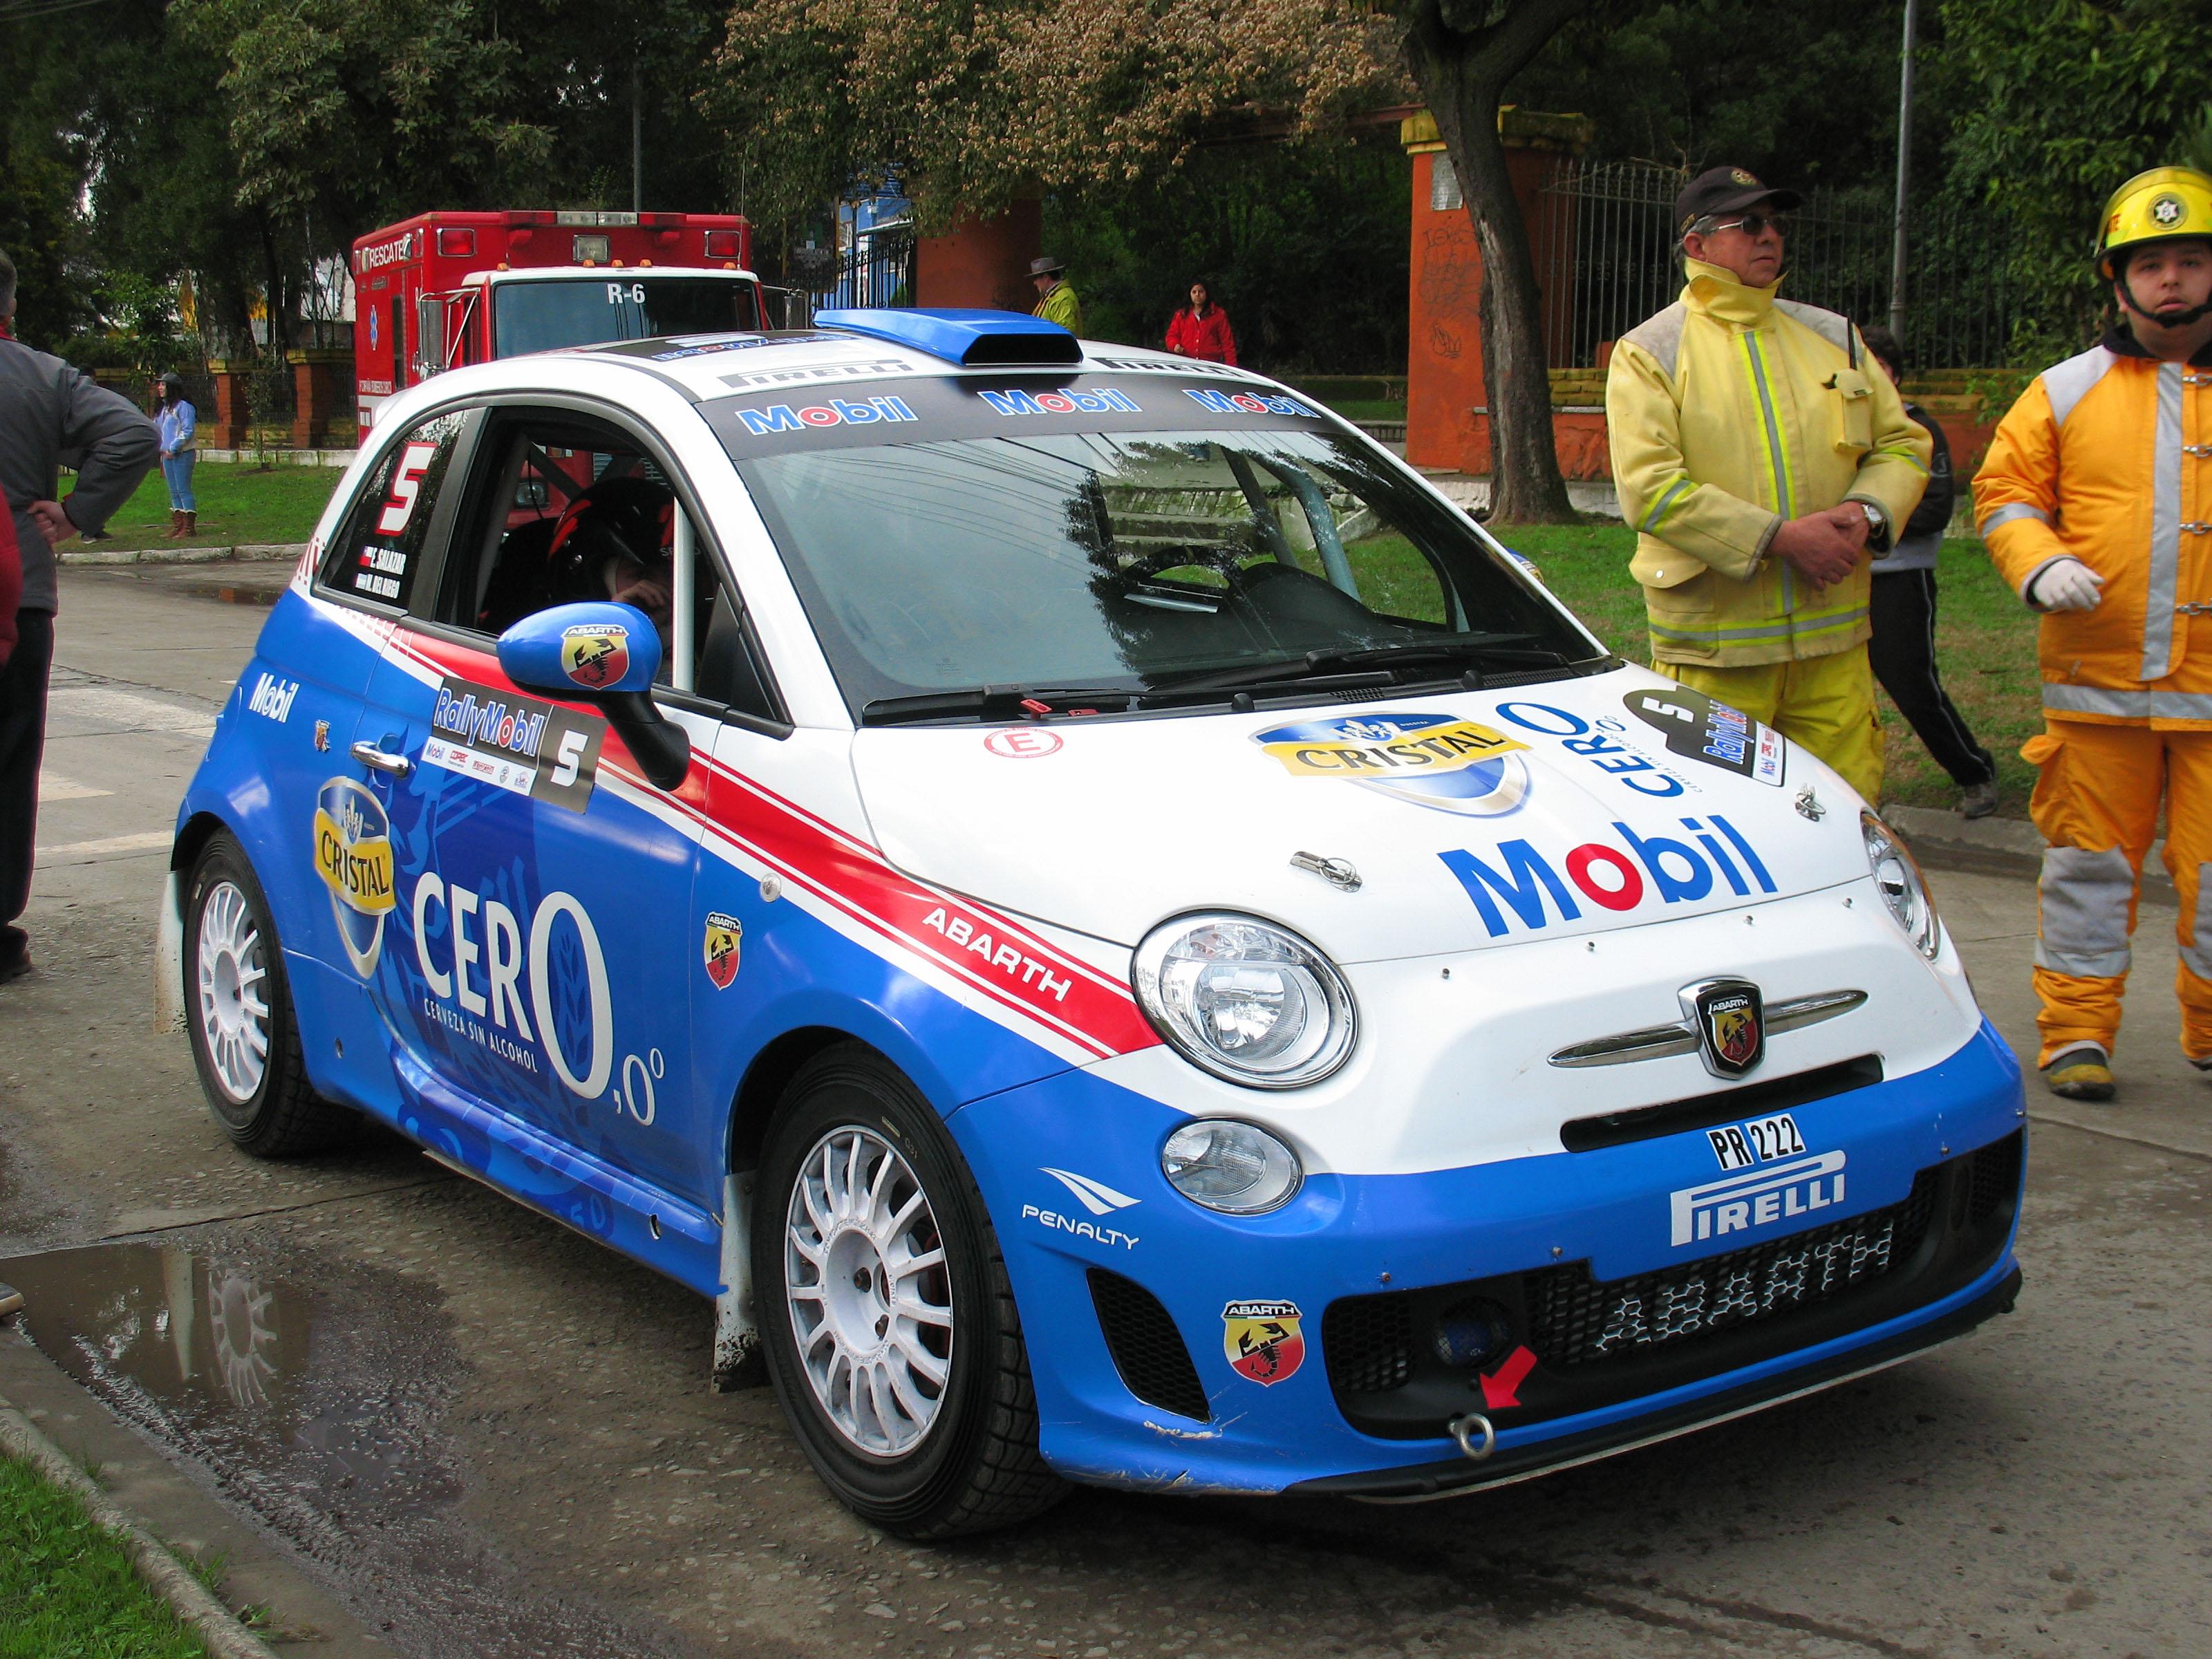 Fiat_500_Abarth_R3T_(9680696857).jpg